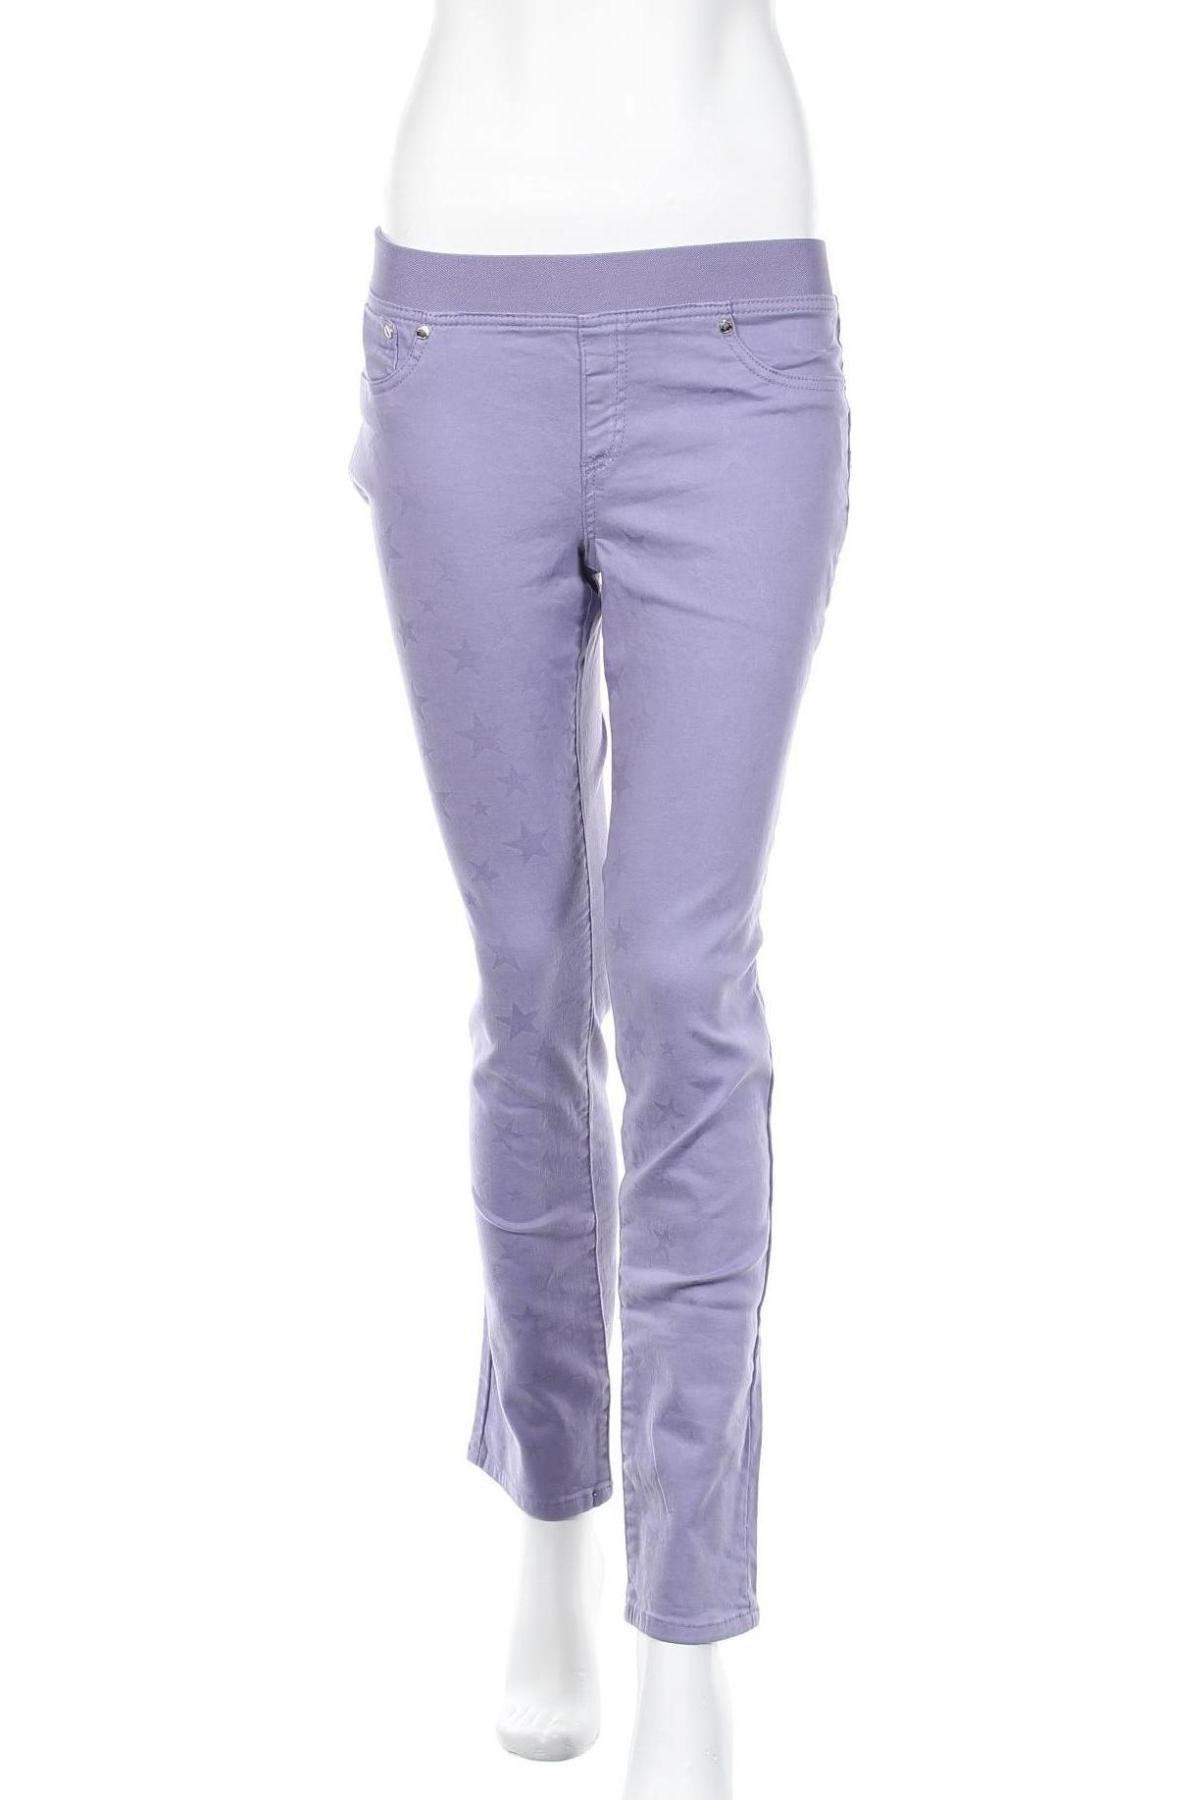 Дамски панталон Camomilla, Размер L, Цвят Лилав, 98% памук, 2% еластан, Цена 15,80лв.